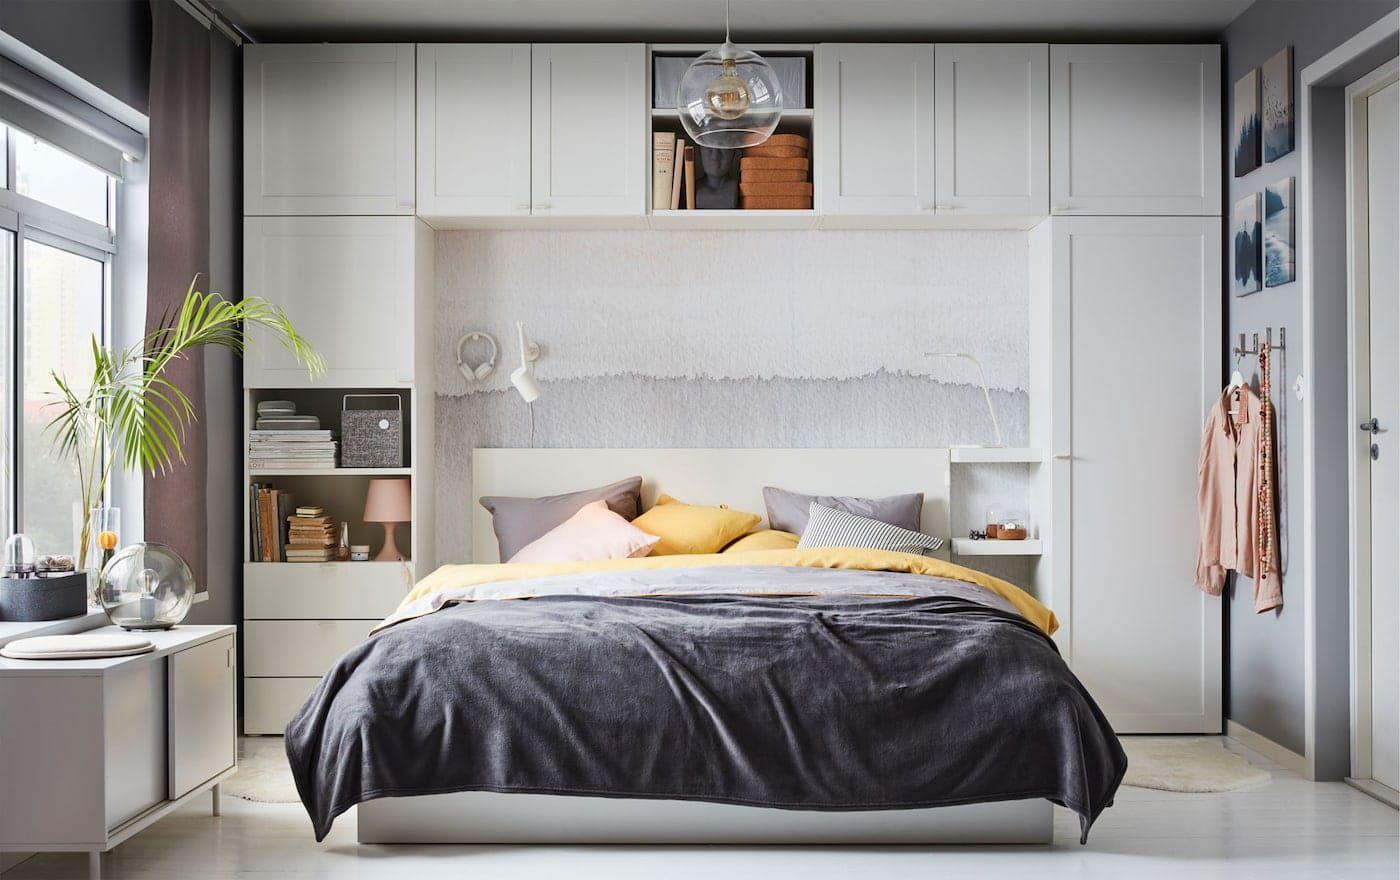 Schlafzimmer Deko Ikea Ikea Schlafzimmer Ideen Ikea